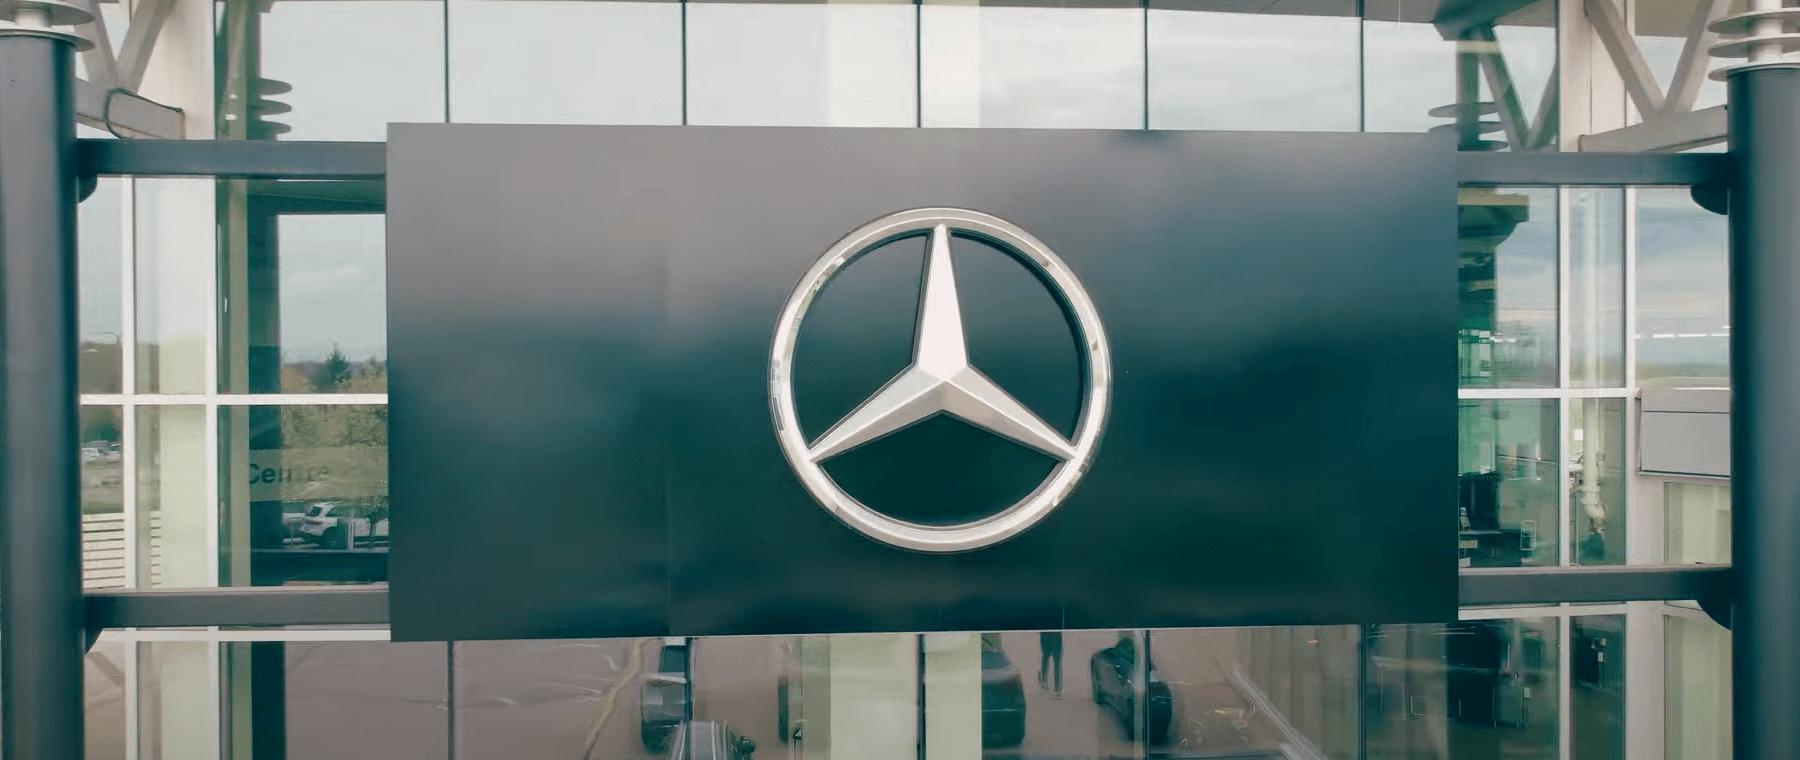 Lease Centre at Mercedes-Benz Burlington